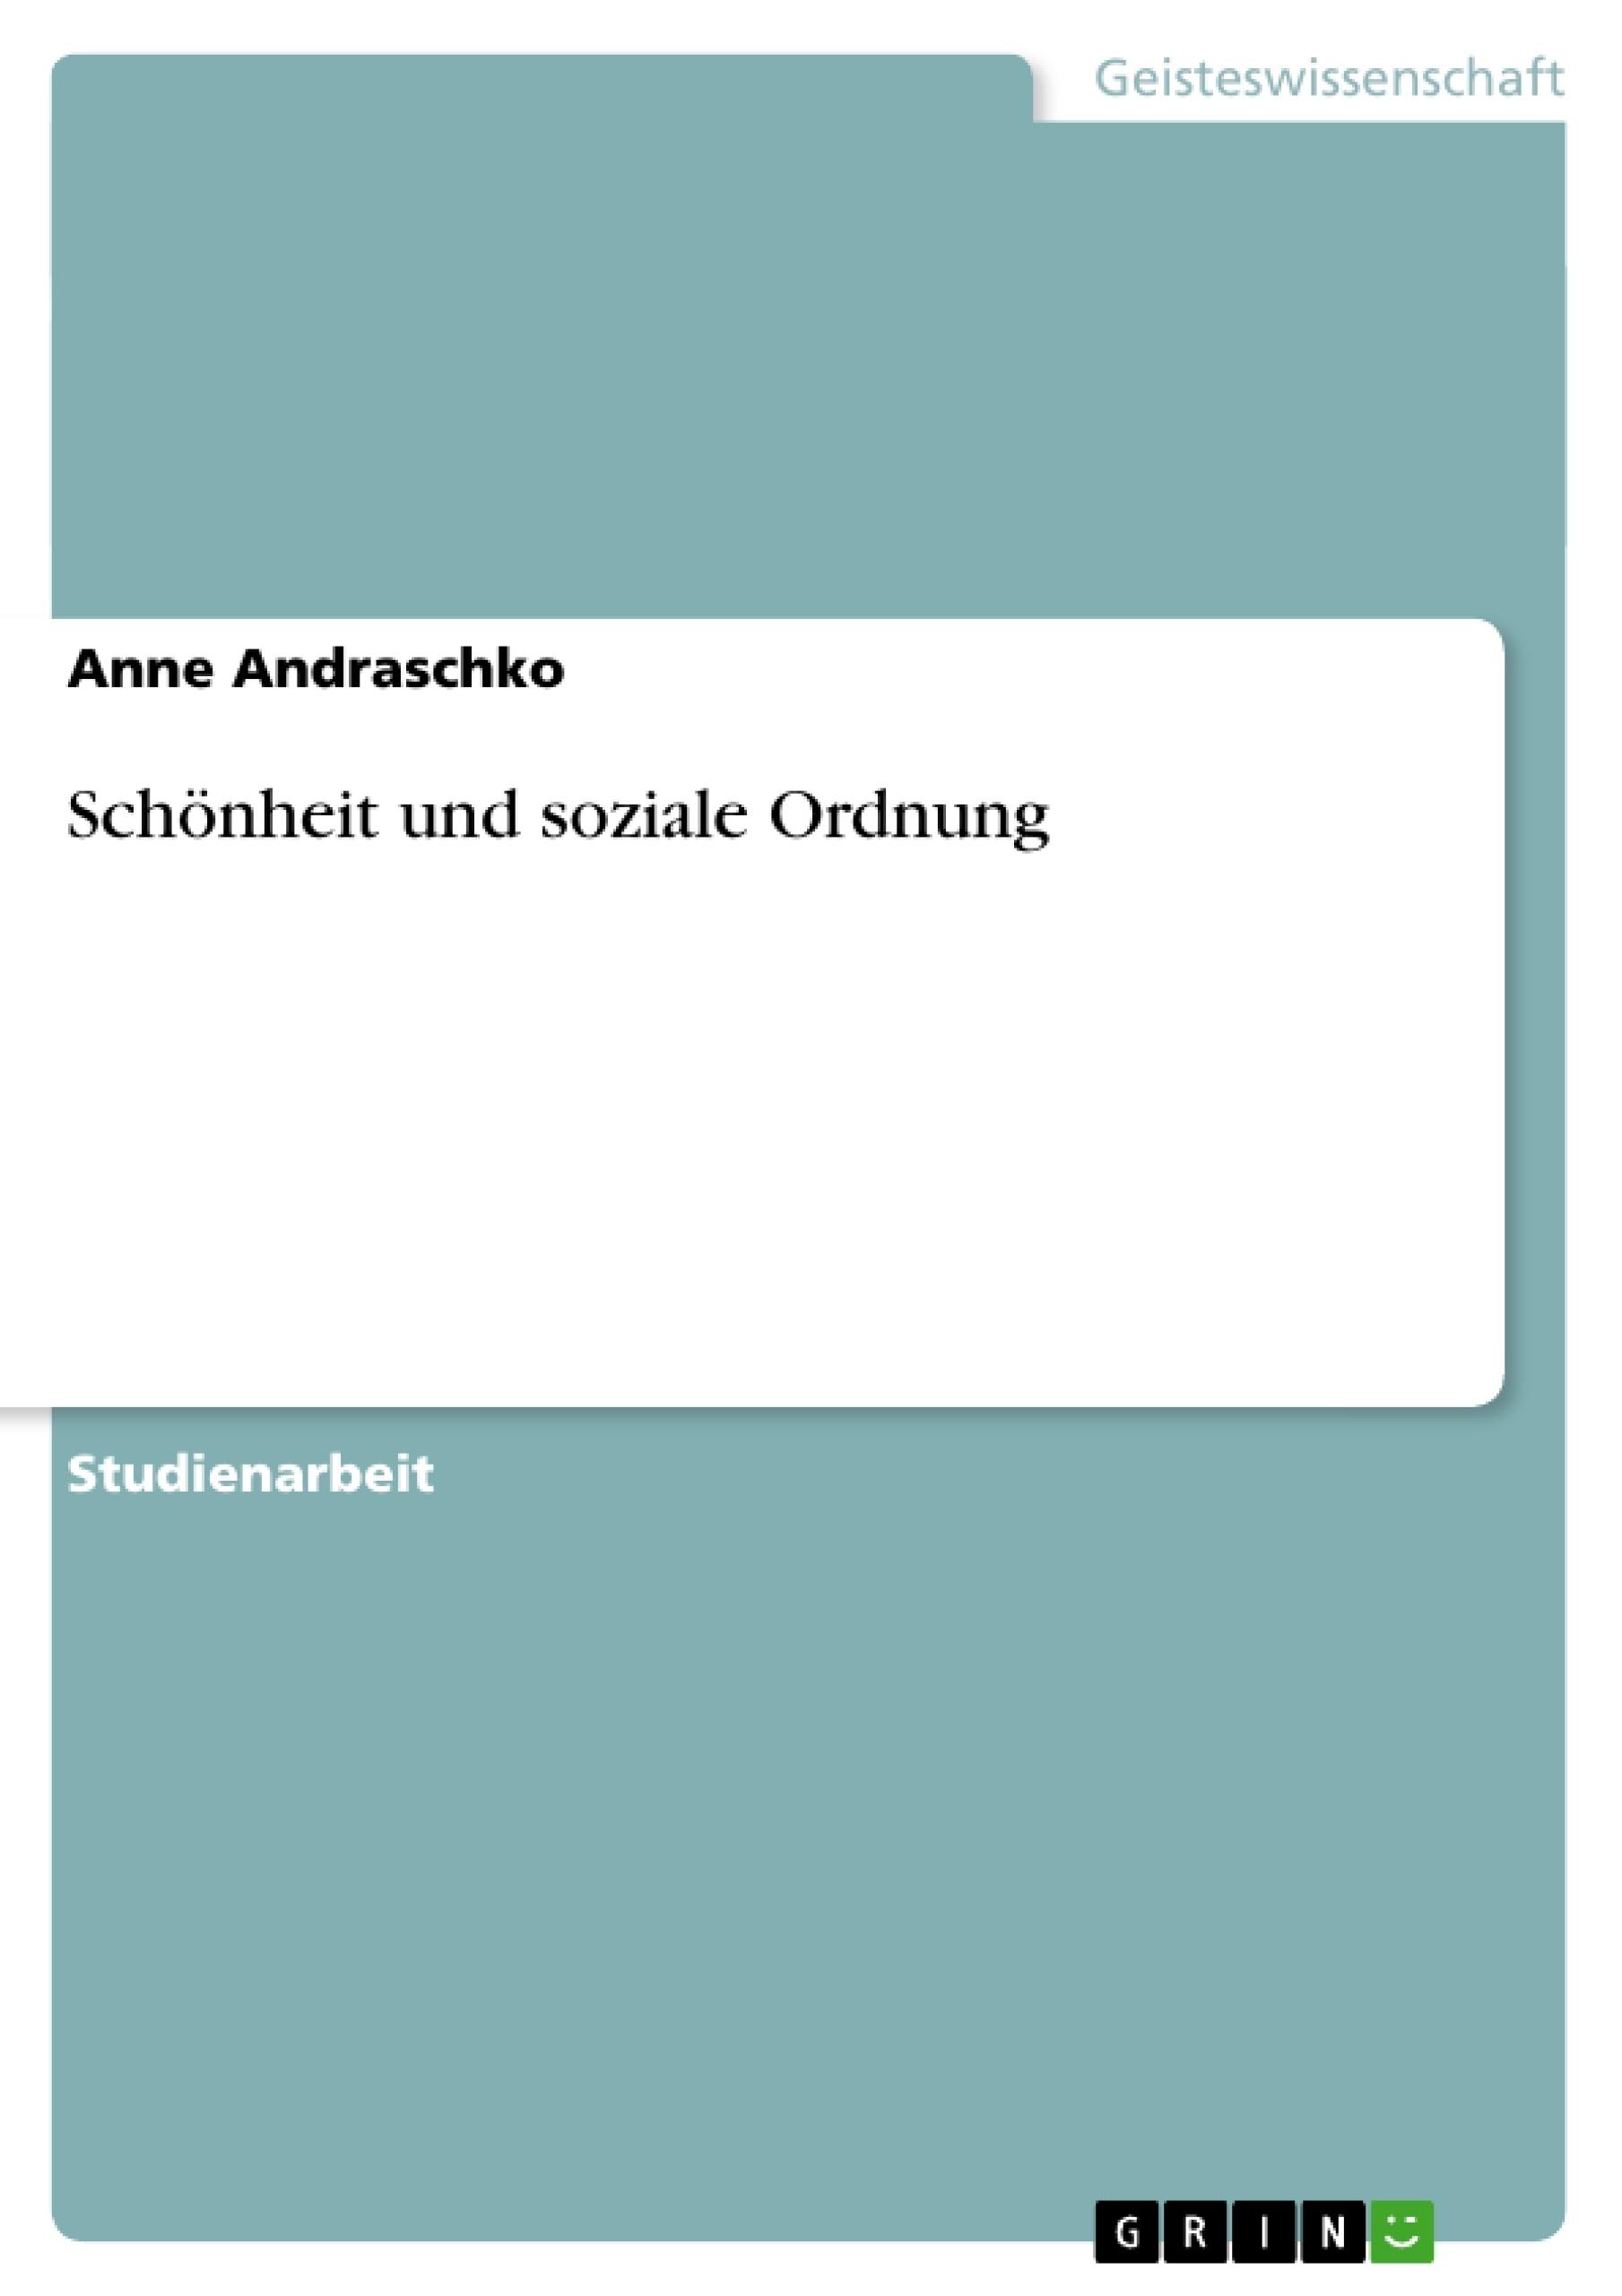 Titel: Schönheit und soziale Ordnung